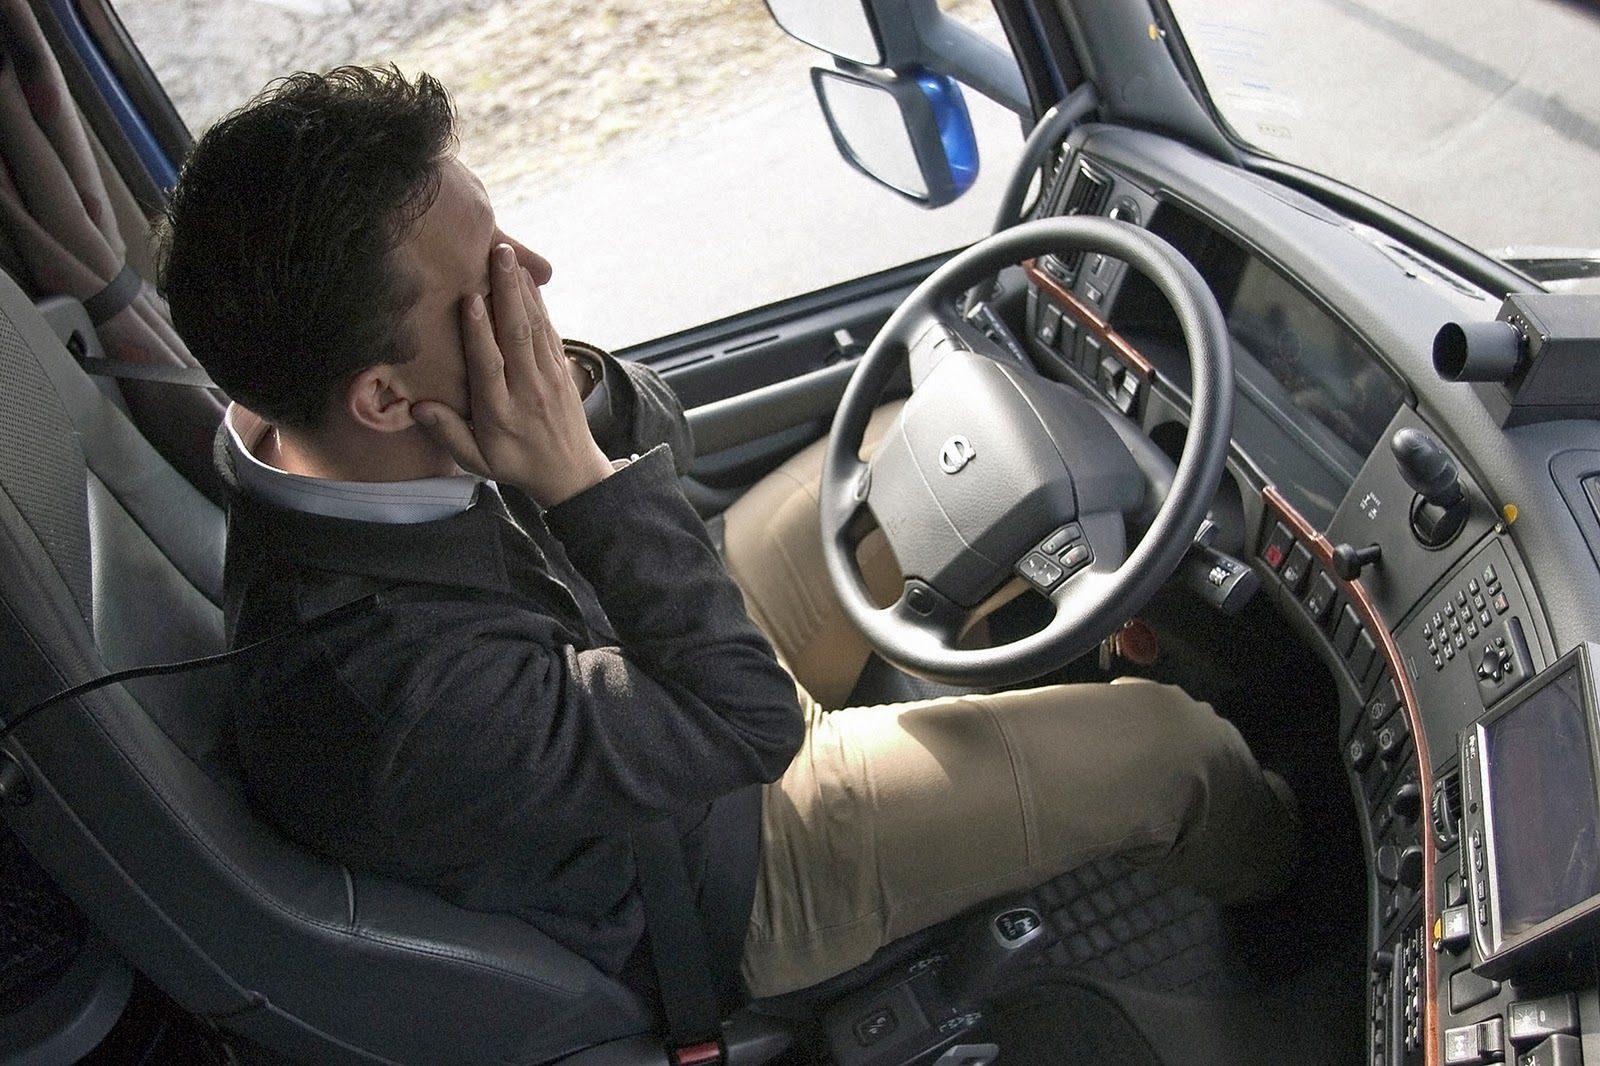 Aumenta el número de accidentes causados por problemas relacionados con el sueño